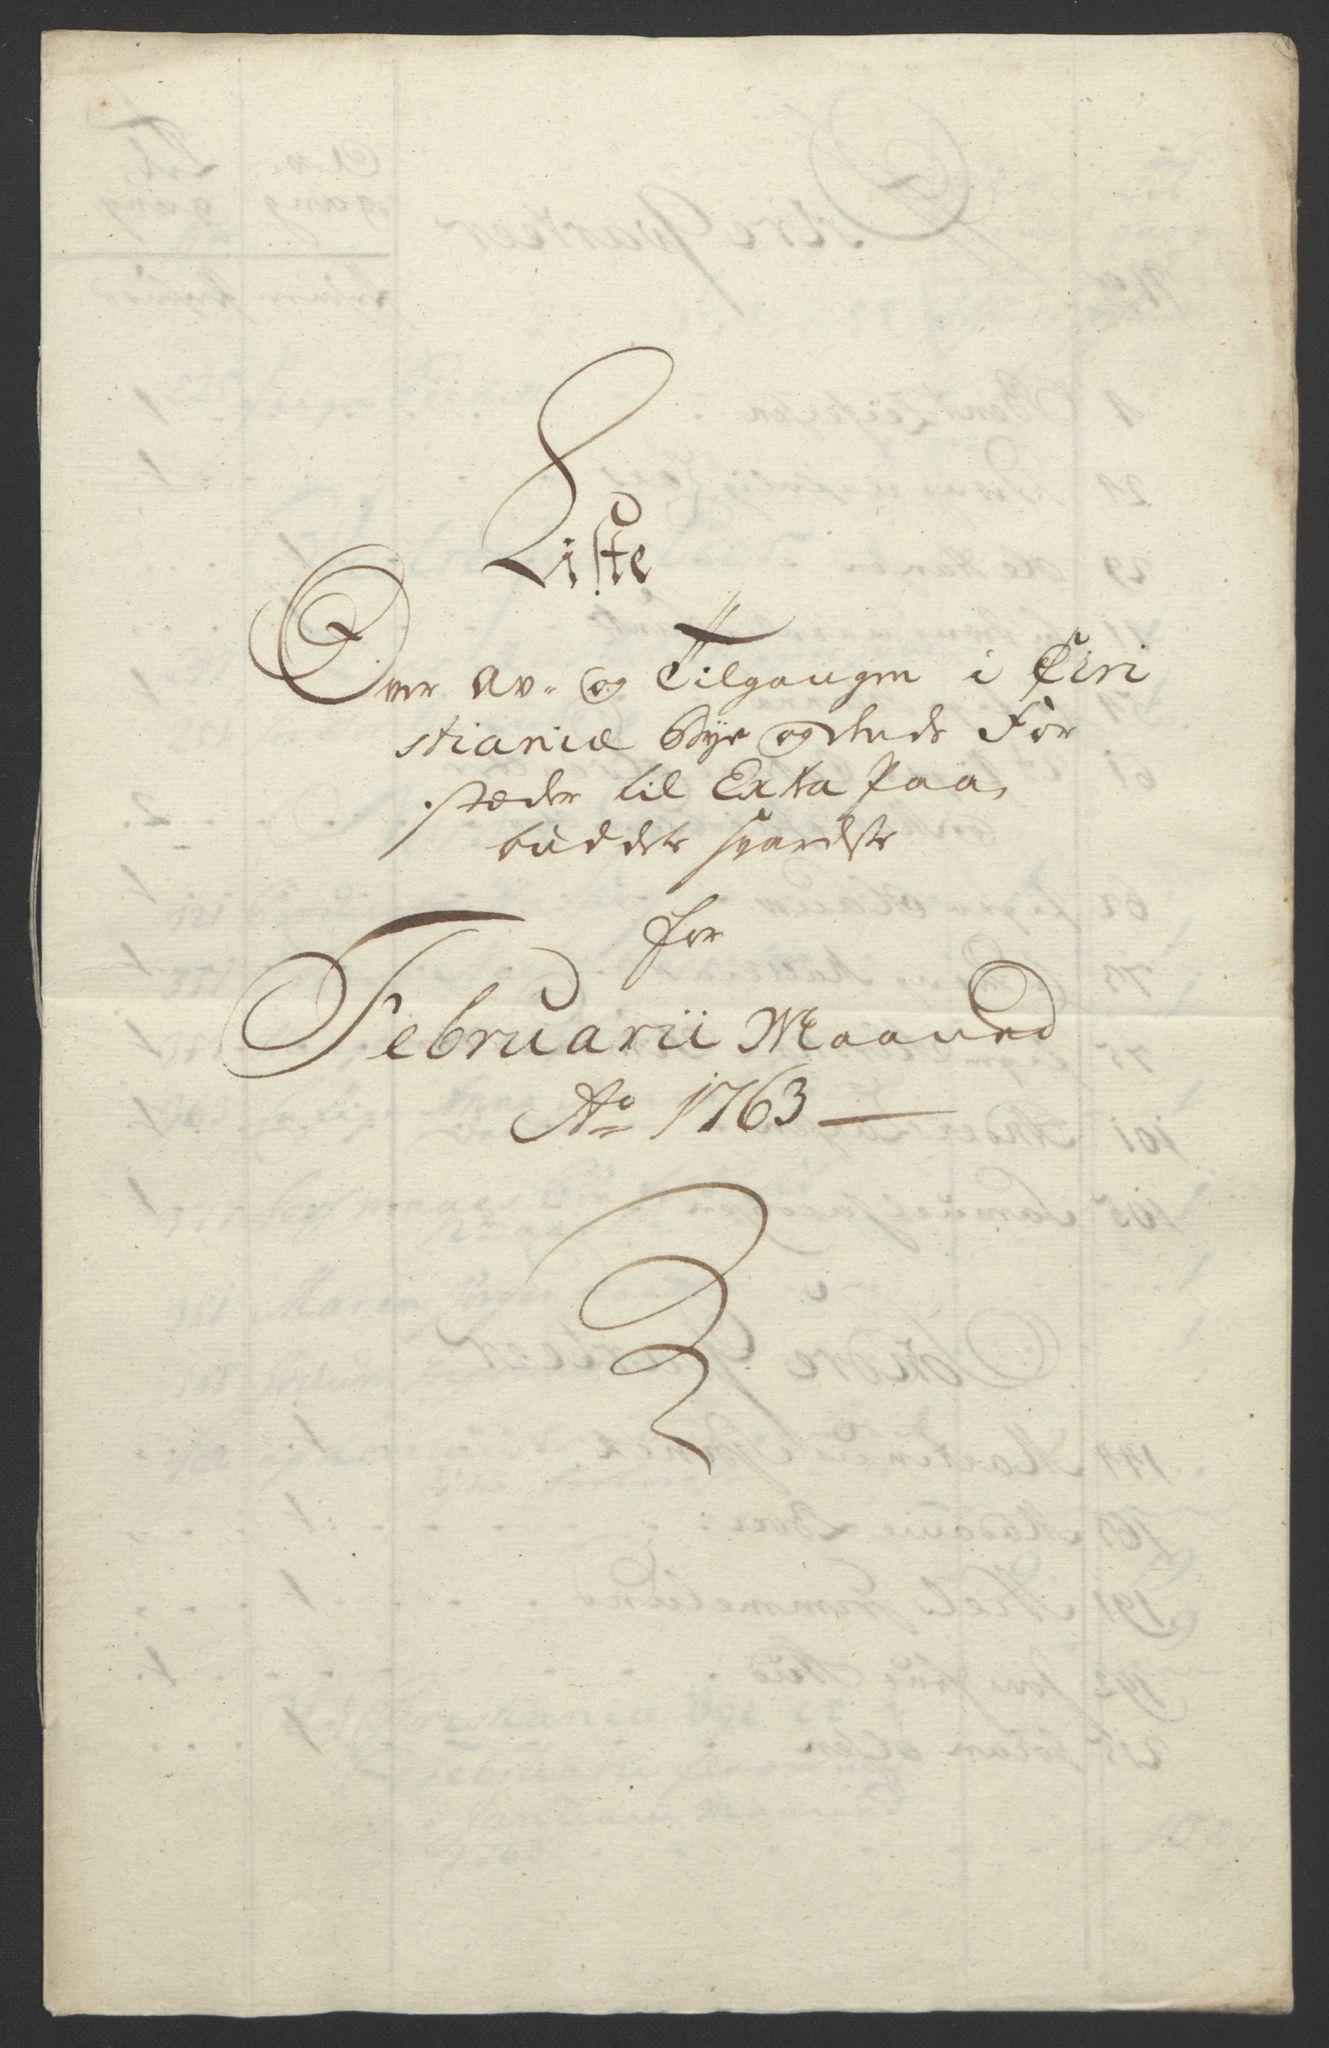 RA, Rentekammeret inntil 1814, Reviderte regnskaper, Byregnskaper, R/Re/L0072: [E13] Kontribusjonsregnskap, 1763-1764, s. 50